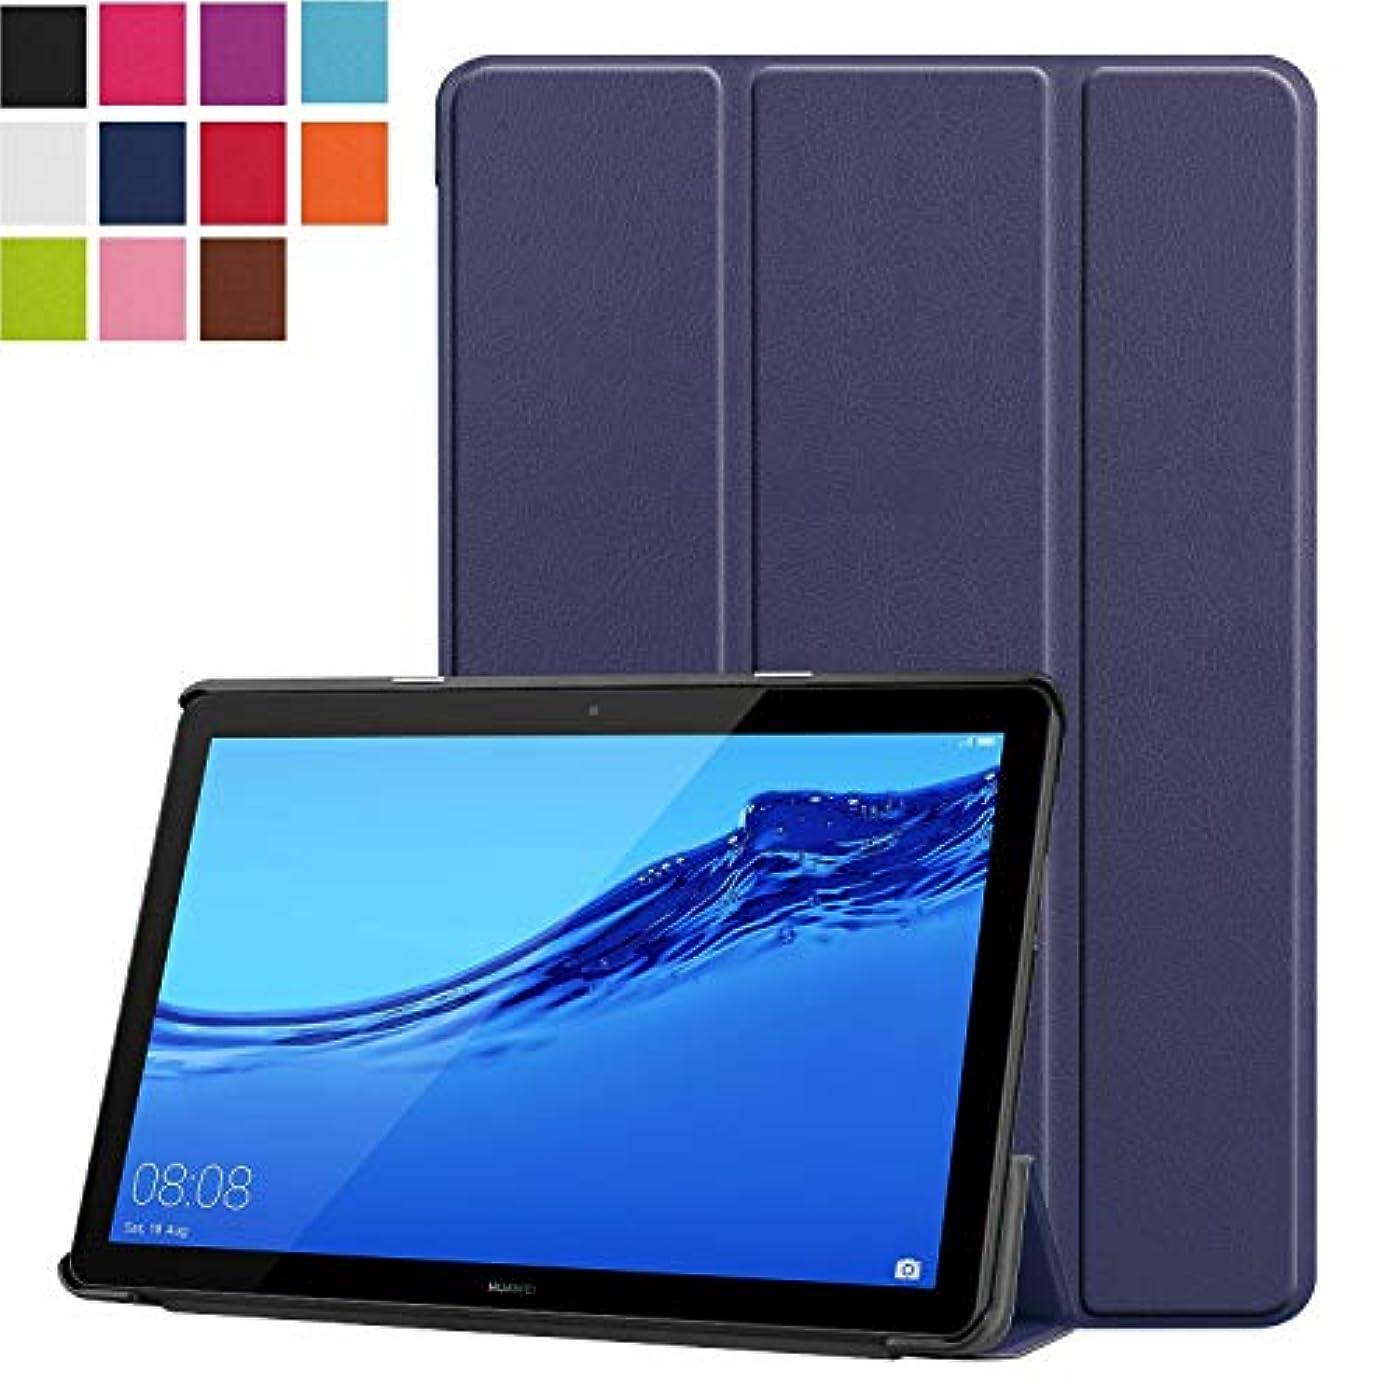 着実に蒸発する薬局Huawei Mediapad T5 10 ケース LeTrade Huawei 10.1 インチ Mediapad T5 10 タブレット スタンド 機能付き 三つ折 高級PUレザー 超薄型最軽量 傷つけ防止 保護ケース カバー ネービーブルー